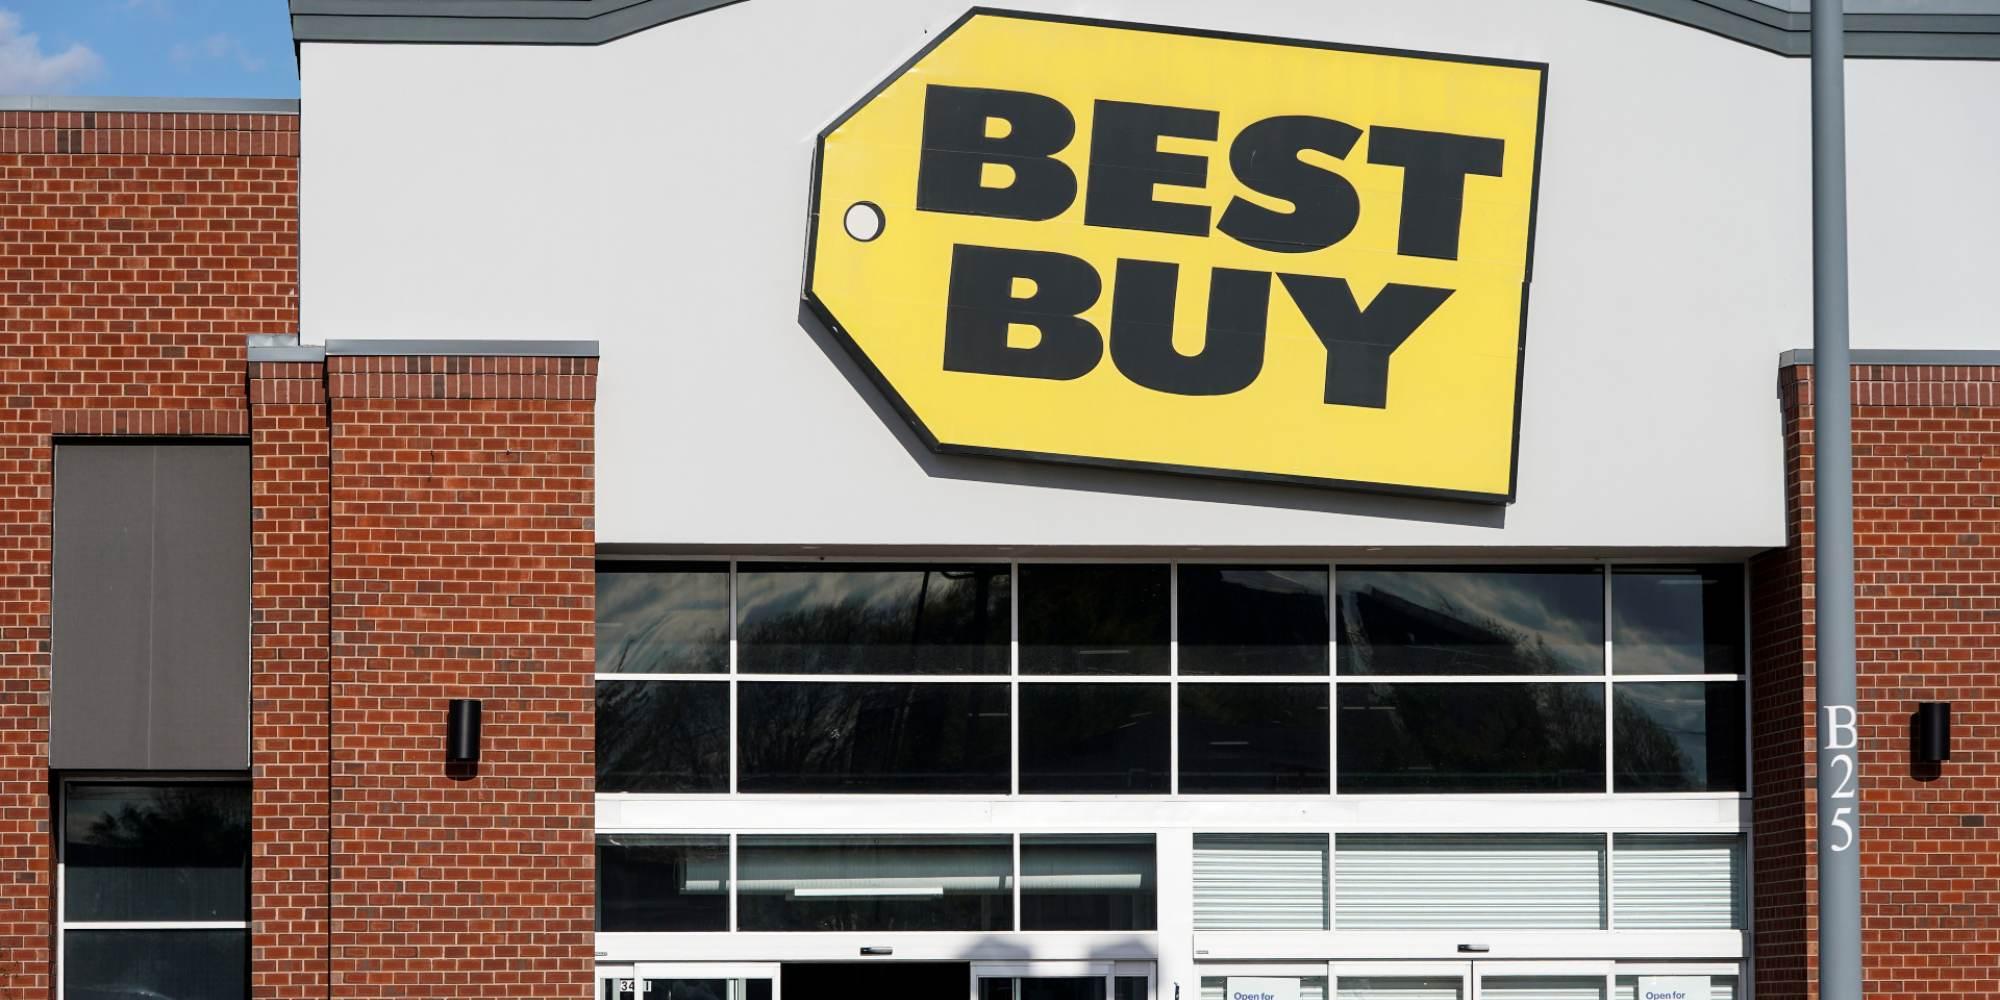 Best Buy continúa con el cierre de tiendas pero en Estados Unidos   Business Insider Mexico